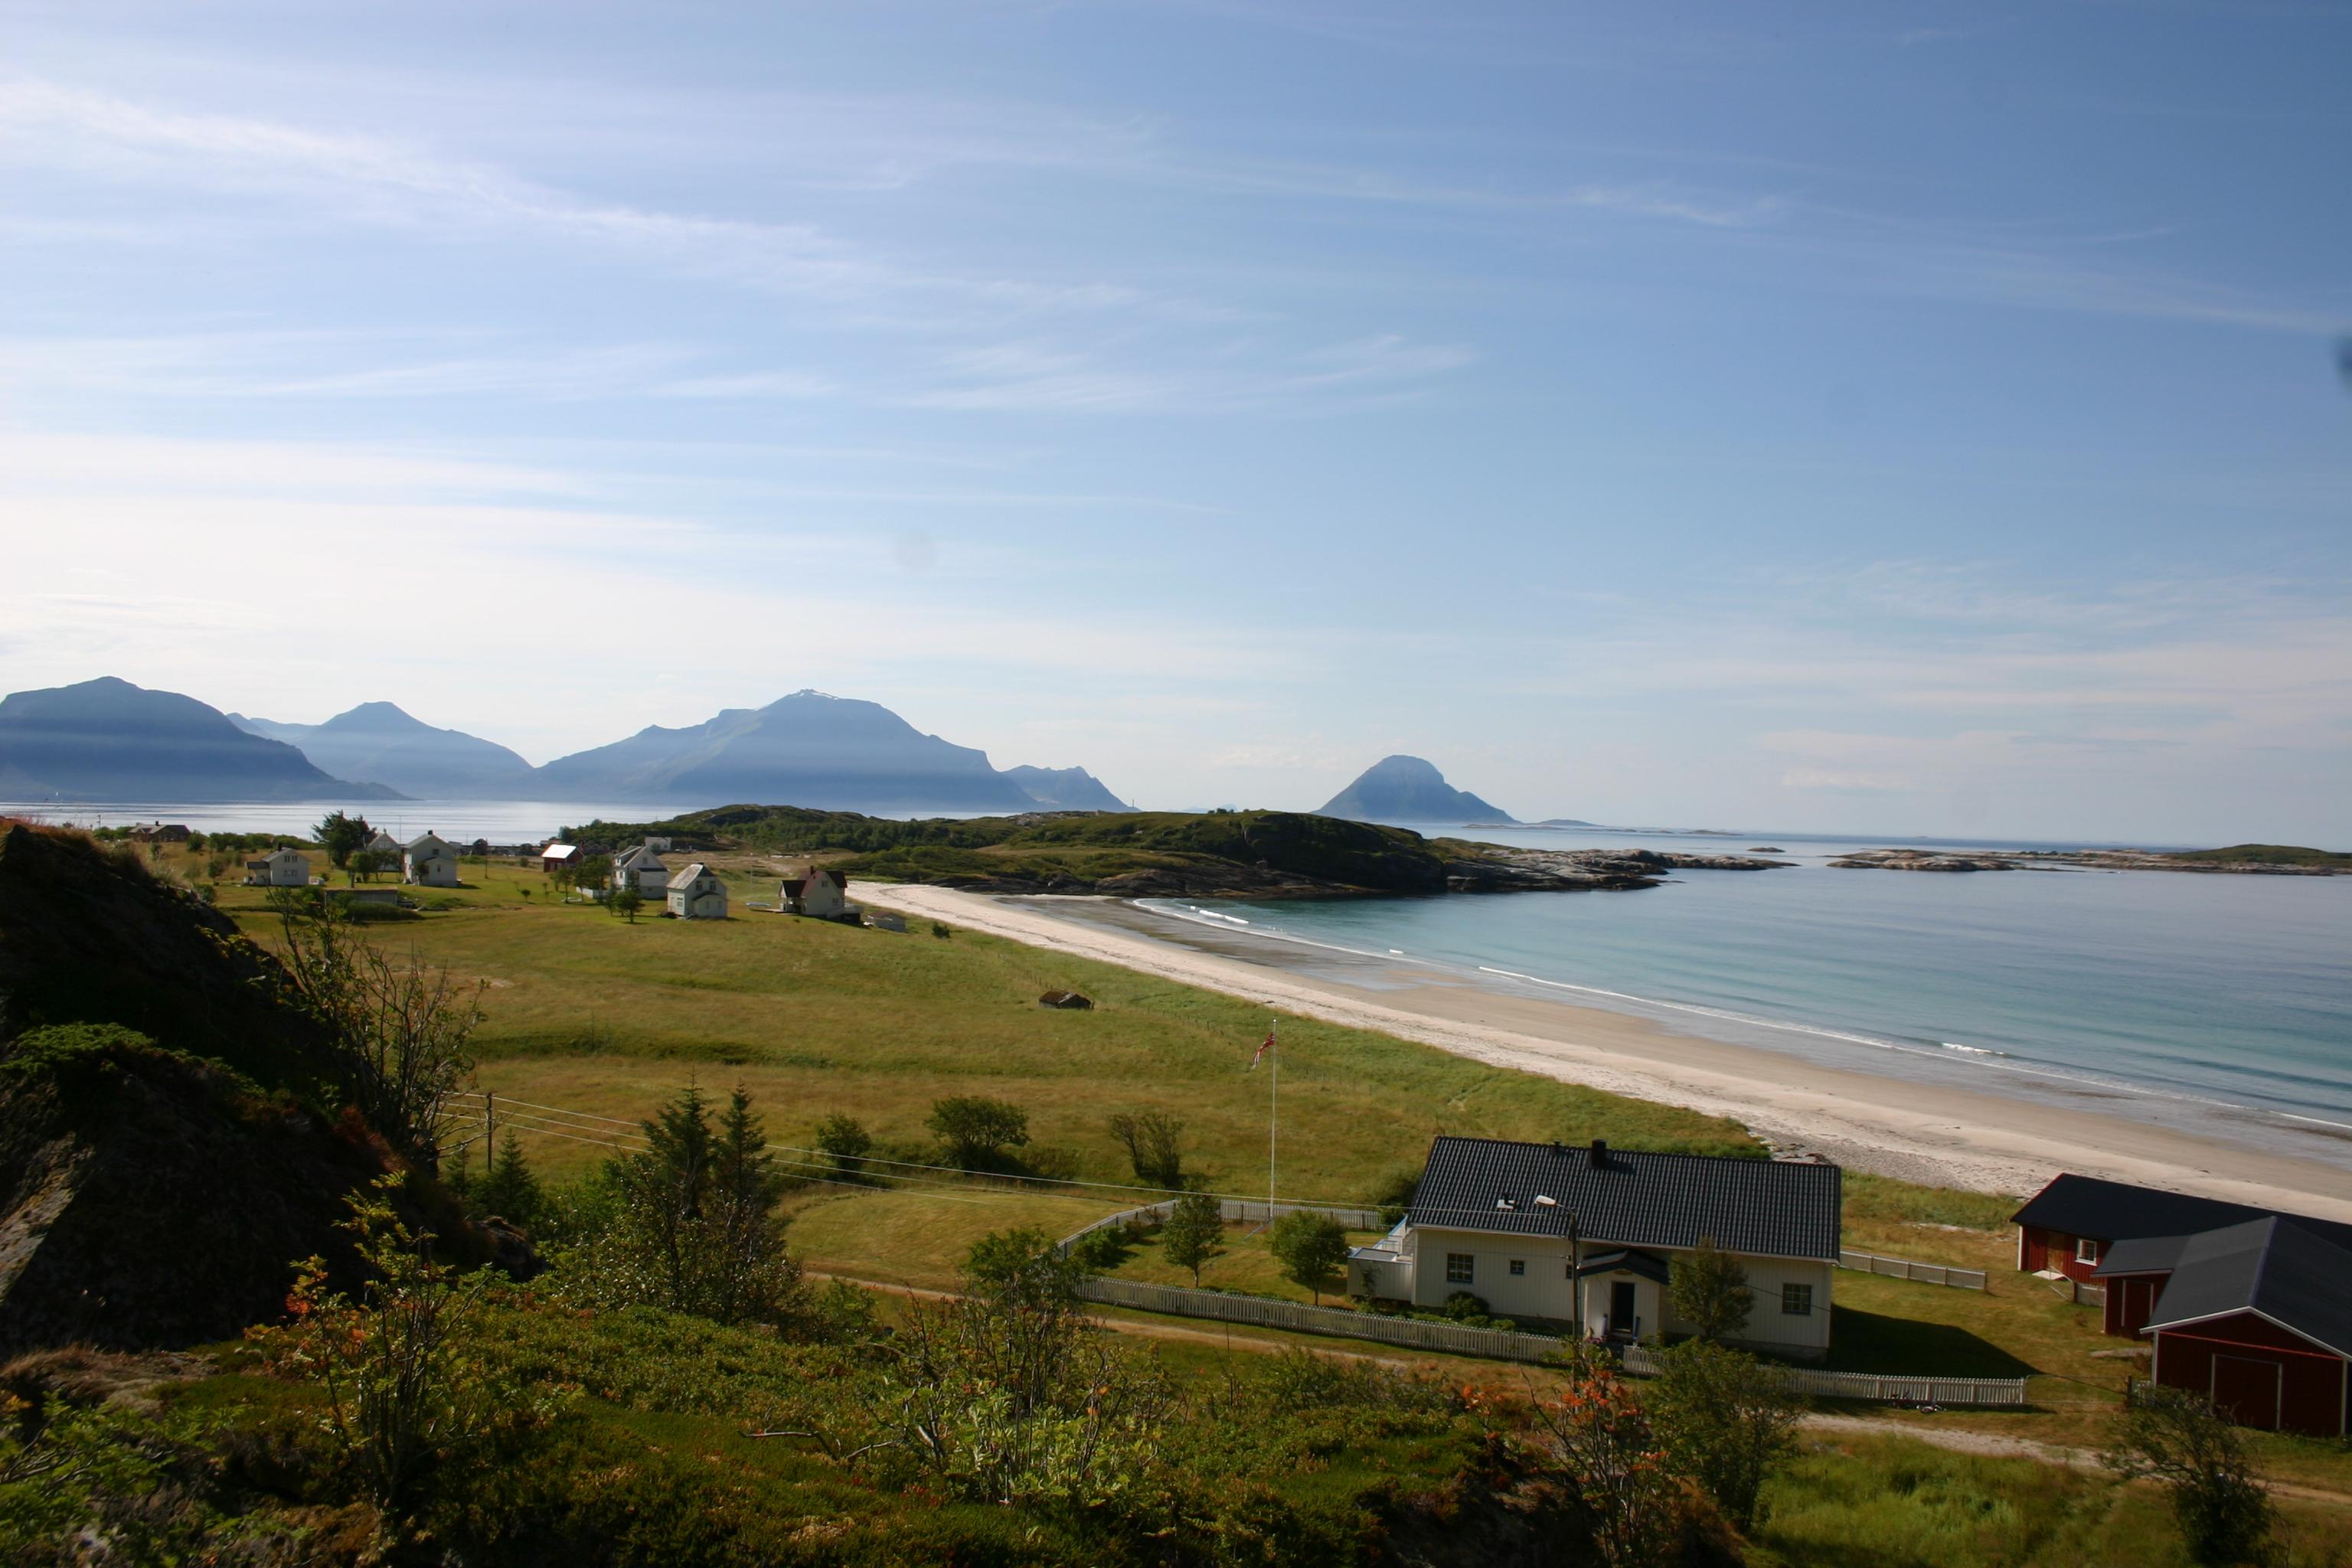 Magiske bilder fra Sørfugløy